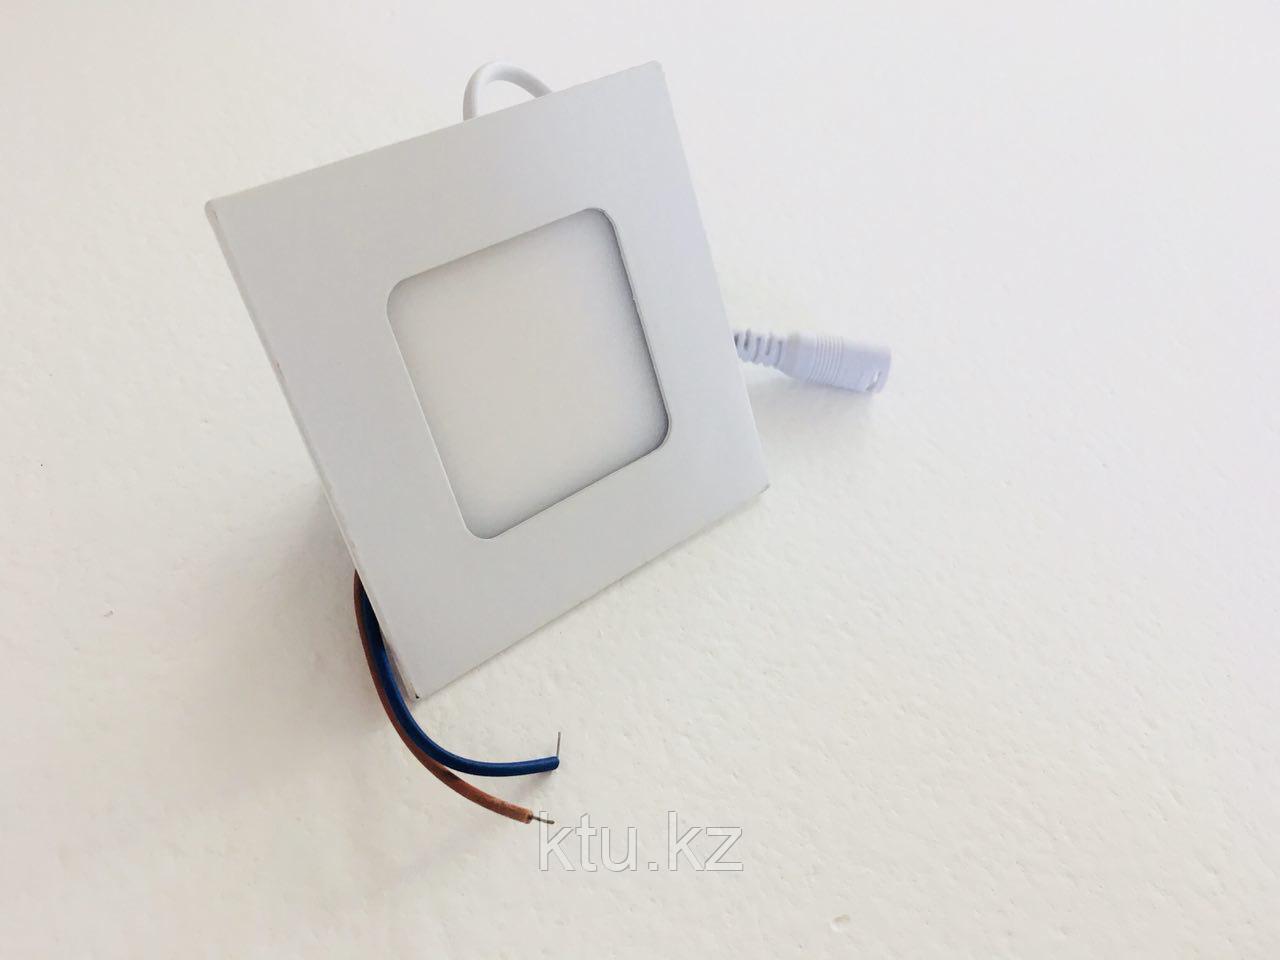 Светильник (споты) JL-Y 4W,внутренний 1год гарантия